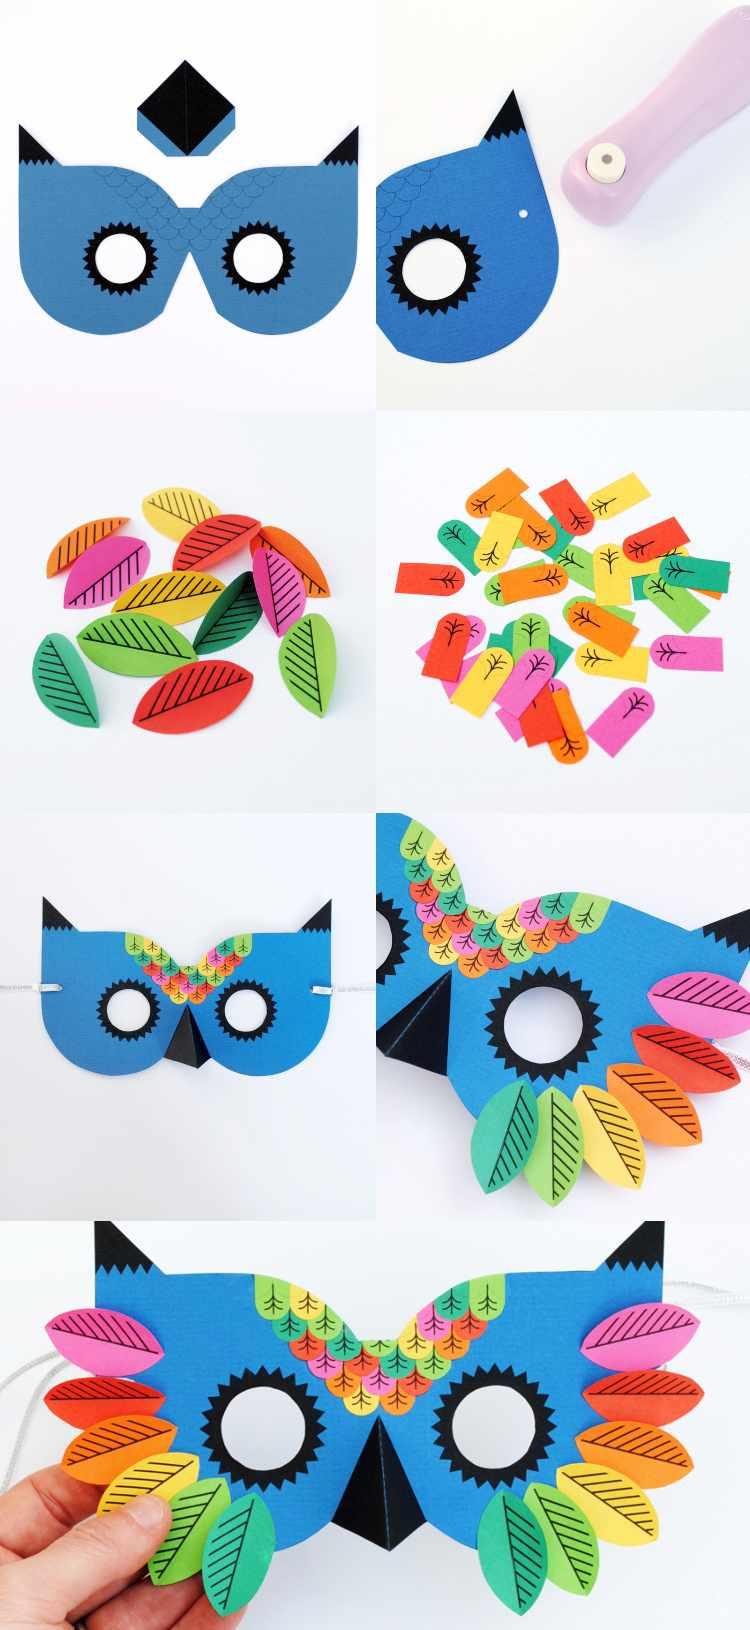 Masken Basteln Für Kinder - 22 Ideen Und Vorlagen Zum Ausdrucken für Faschingsmasken Selber Basteln